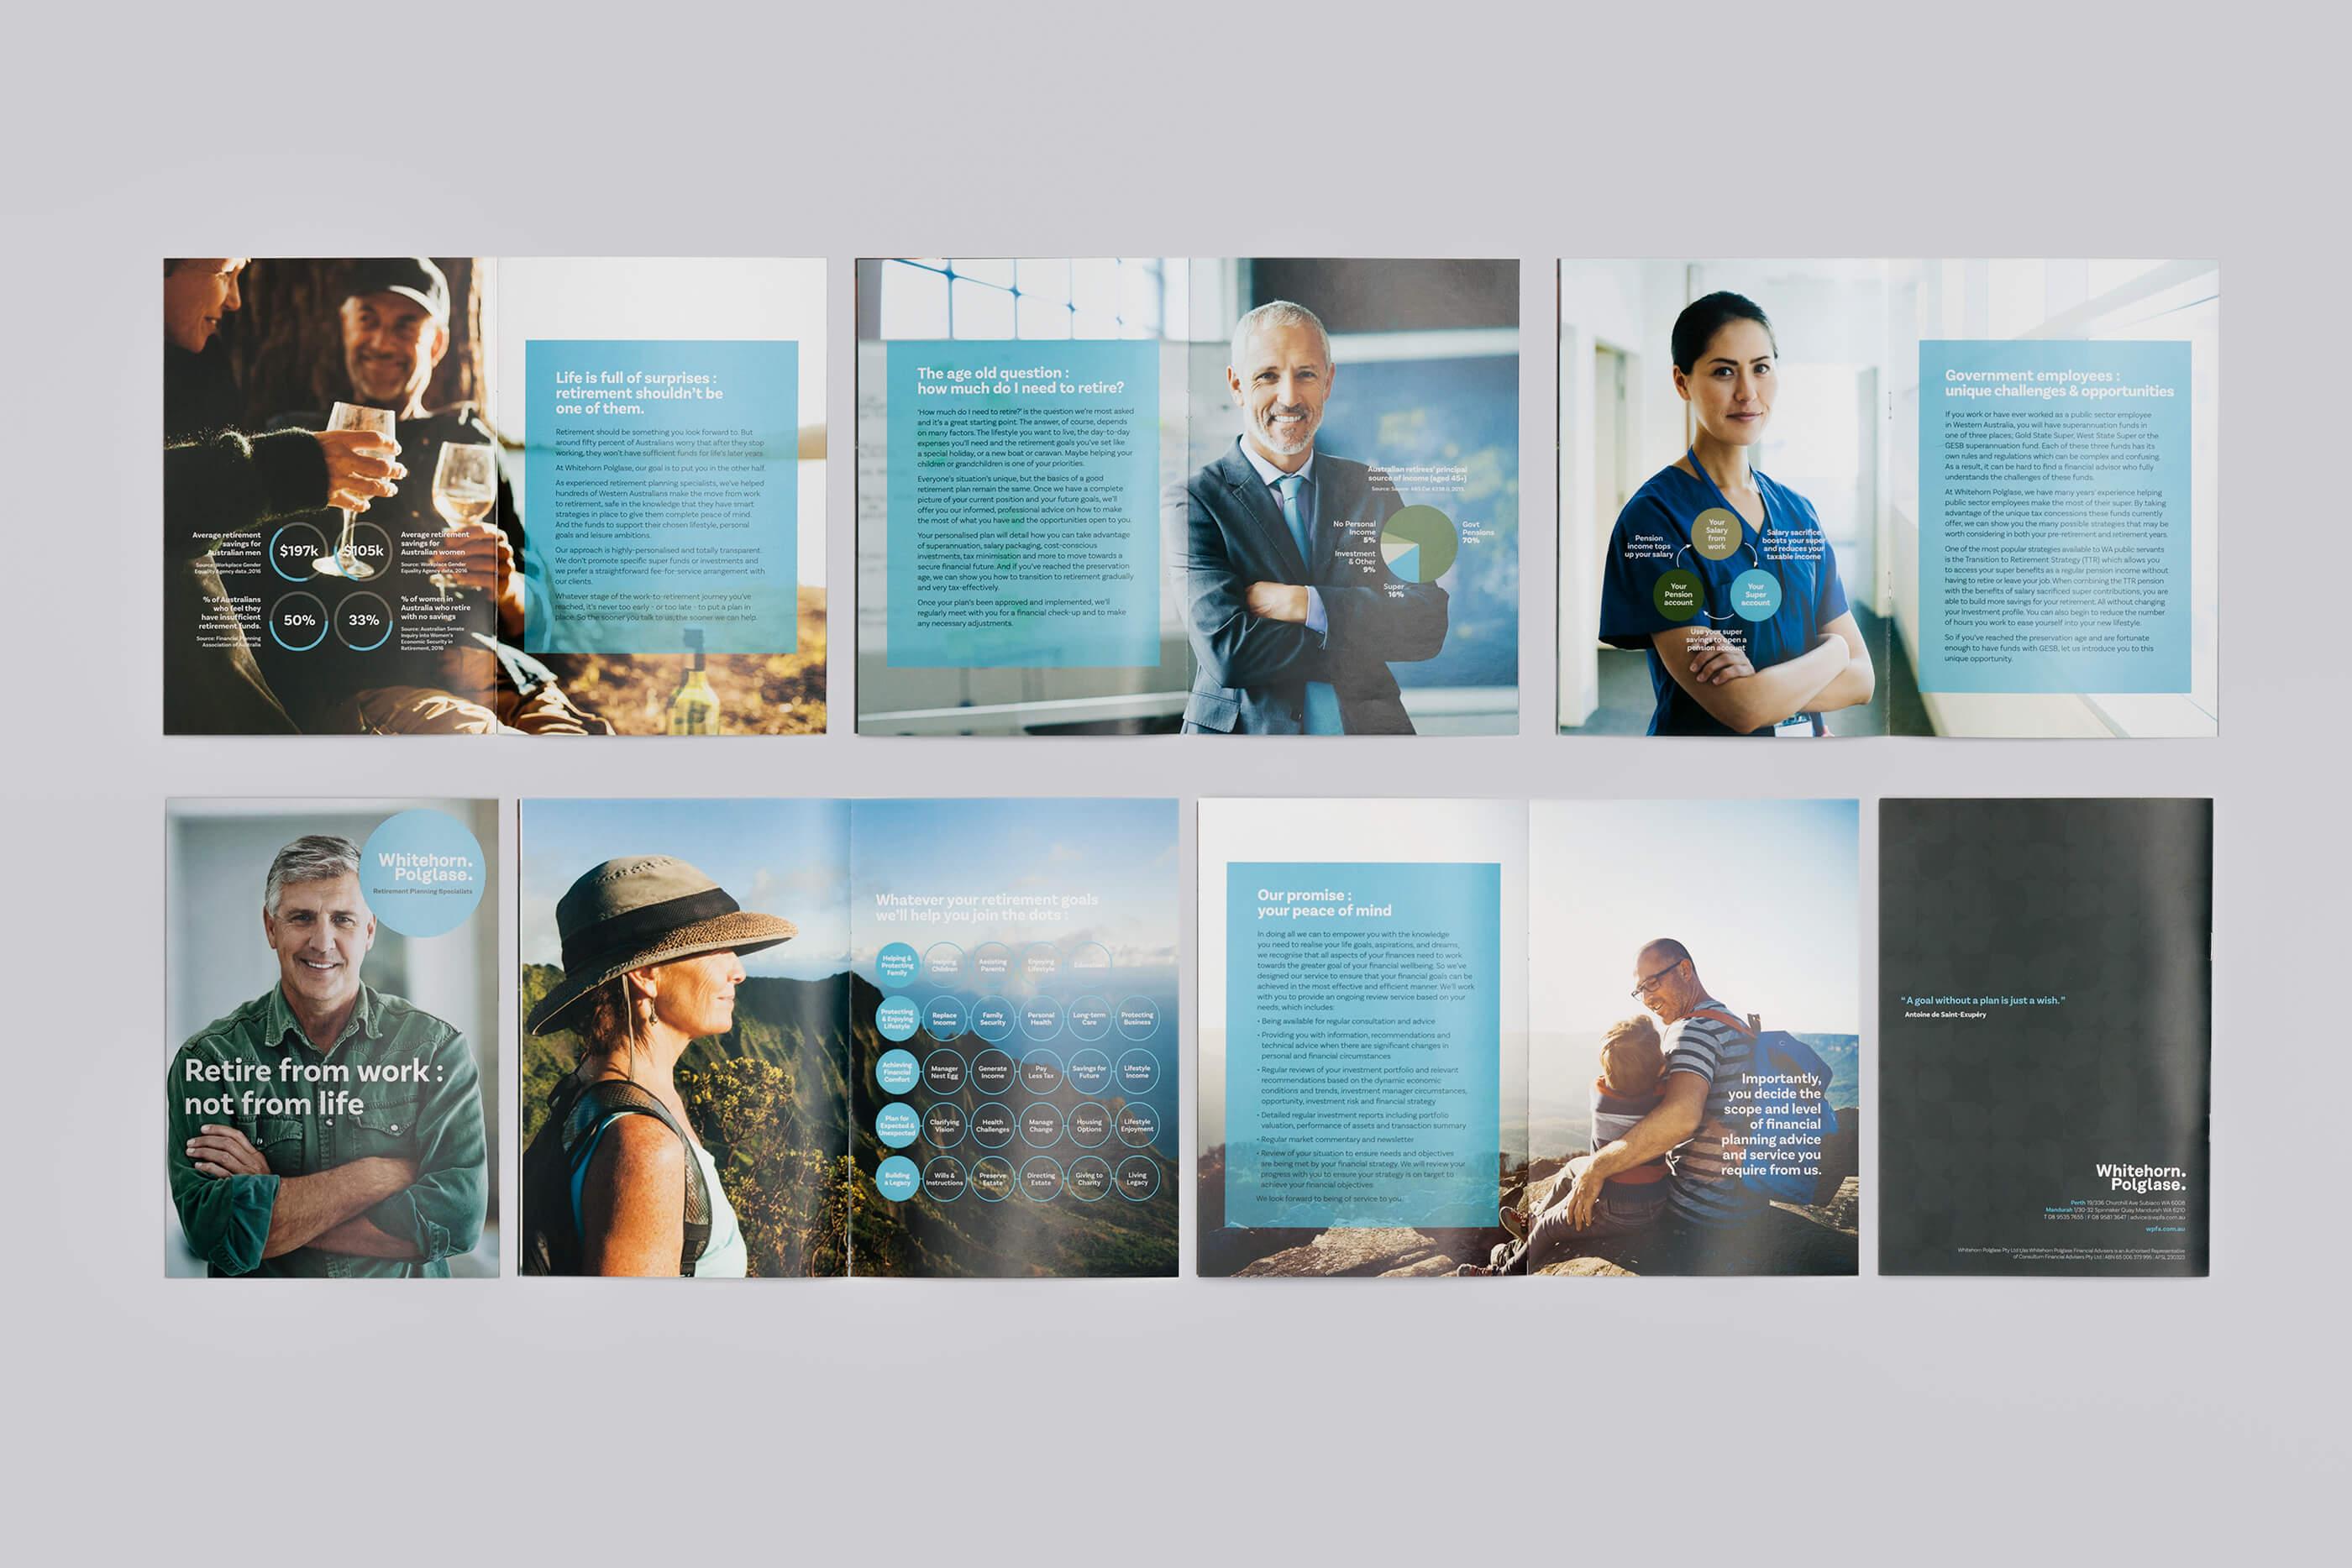 whitehorn_polglase_brochure_spreads